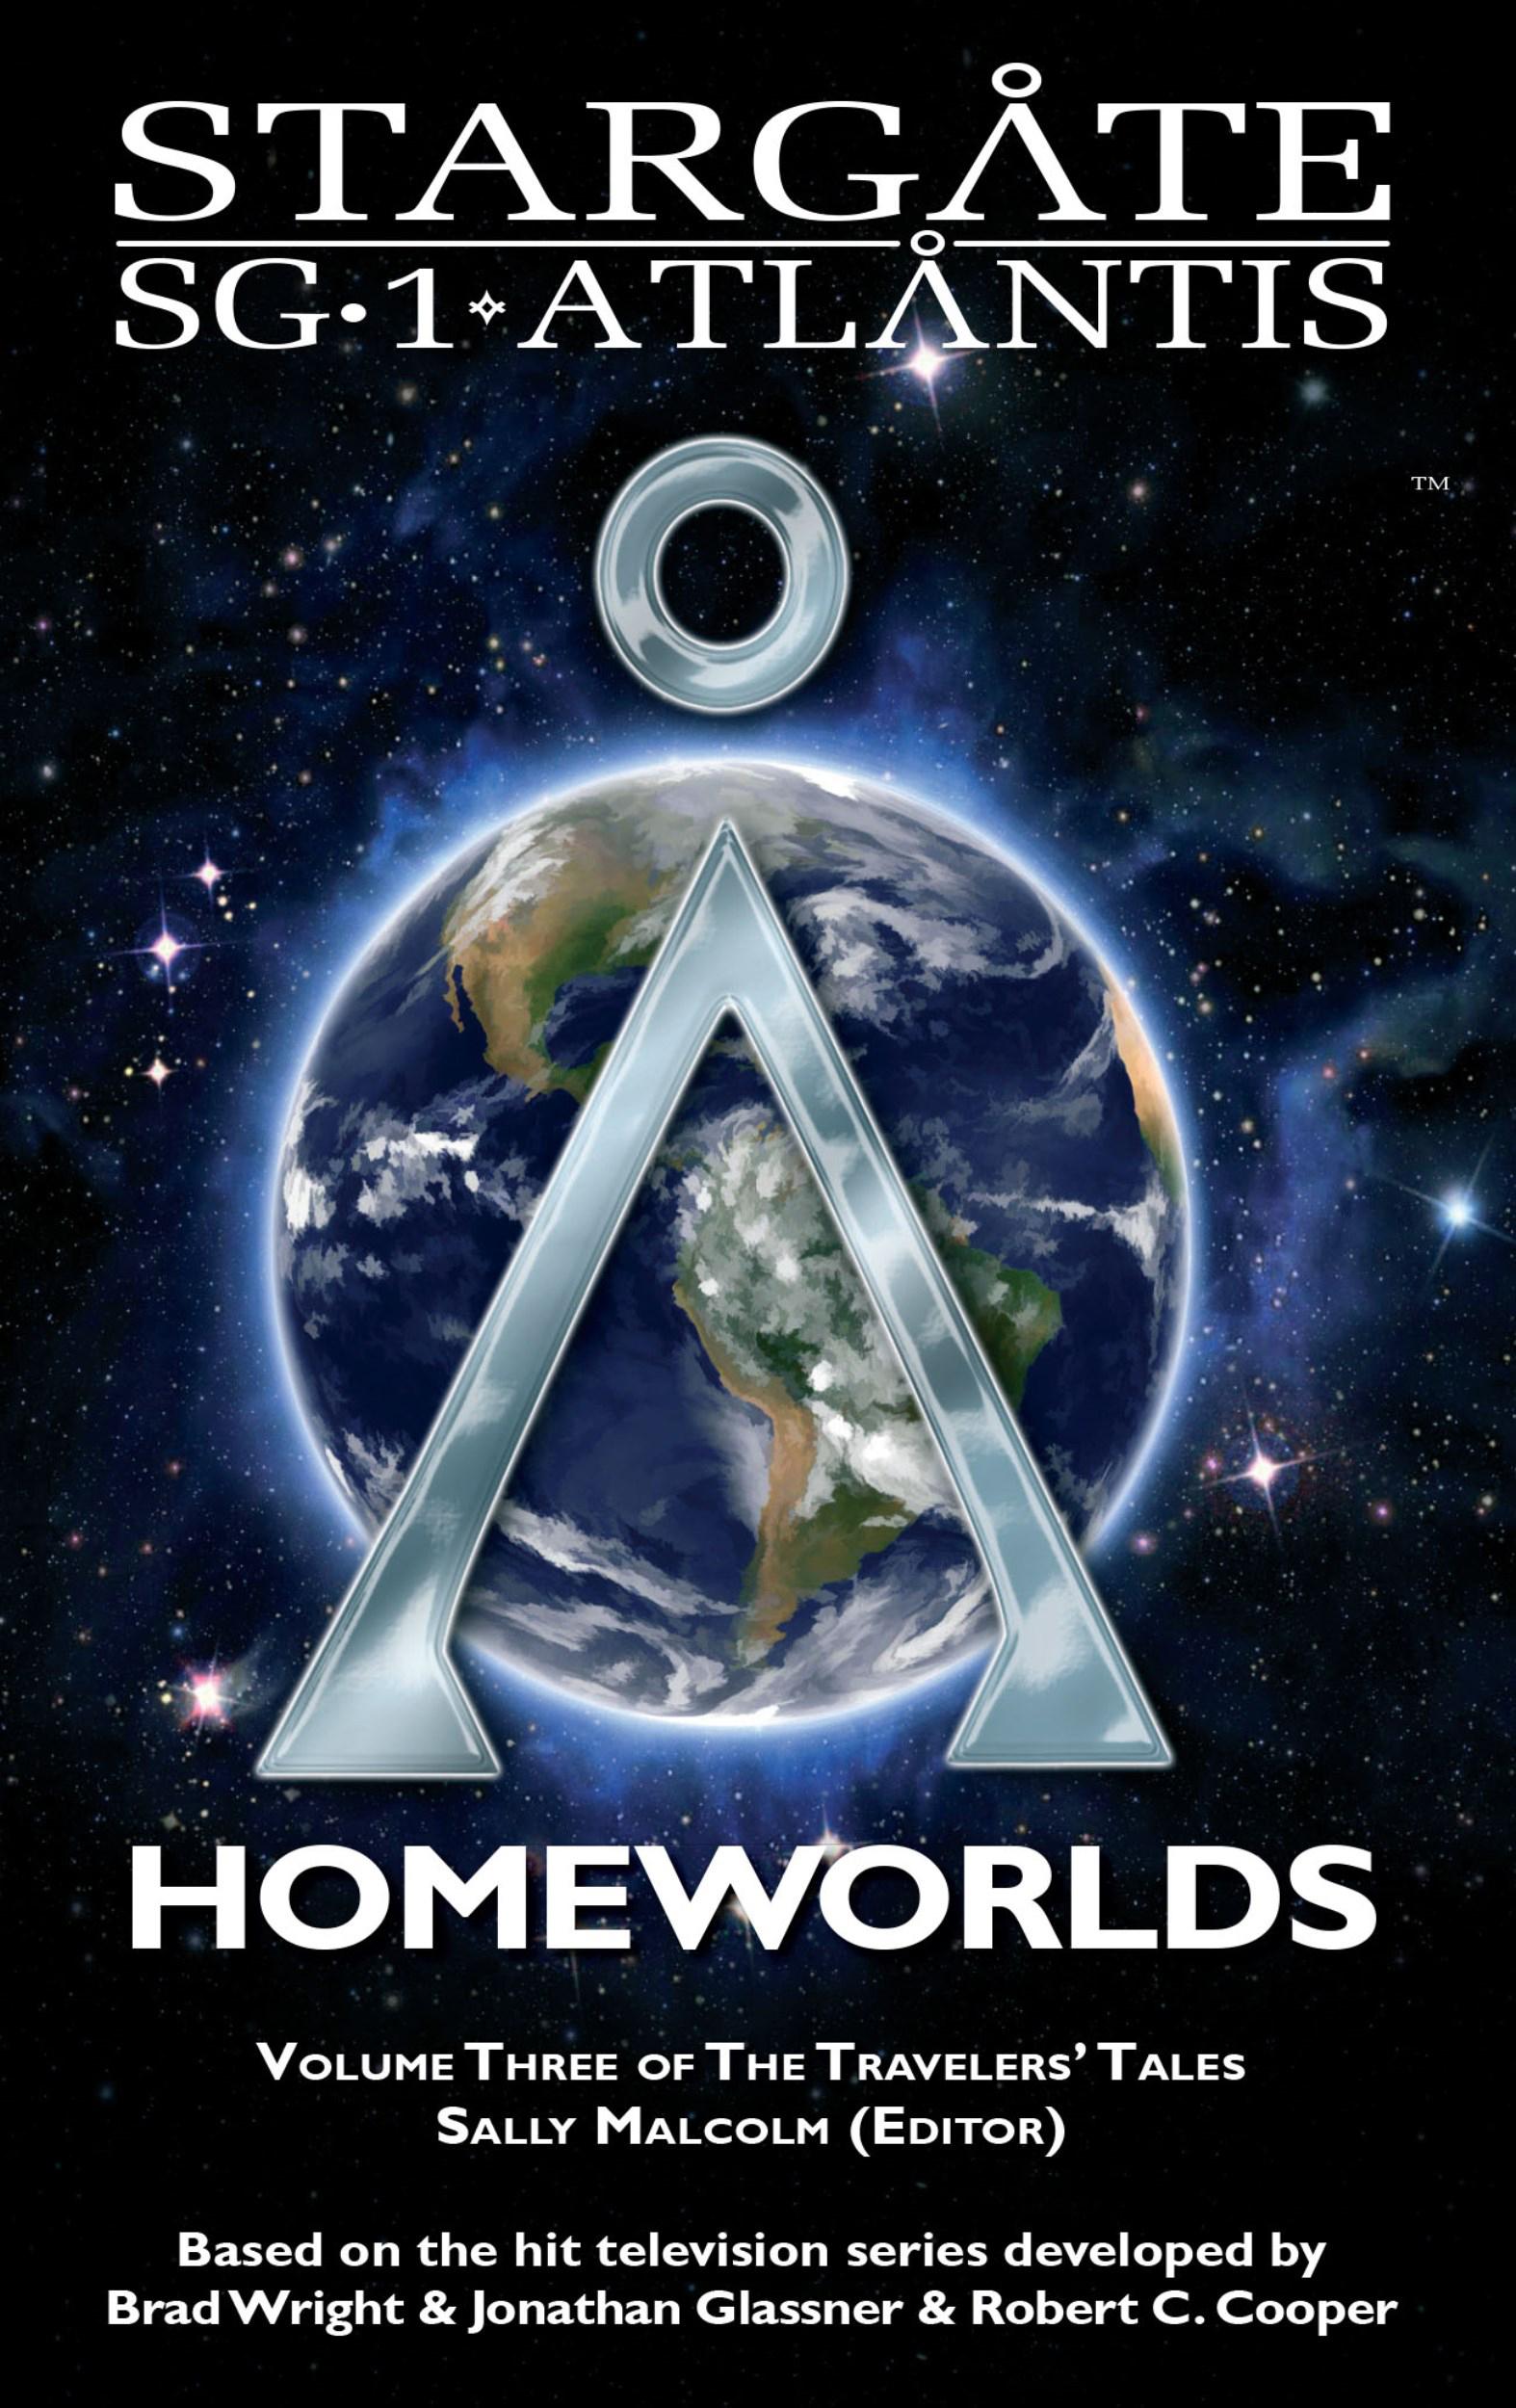 Stargate Sg1 Atlantis: Homeworlds  Volume 3 Of The Traveler's Tales By  Sally Malcolm